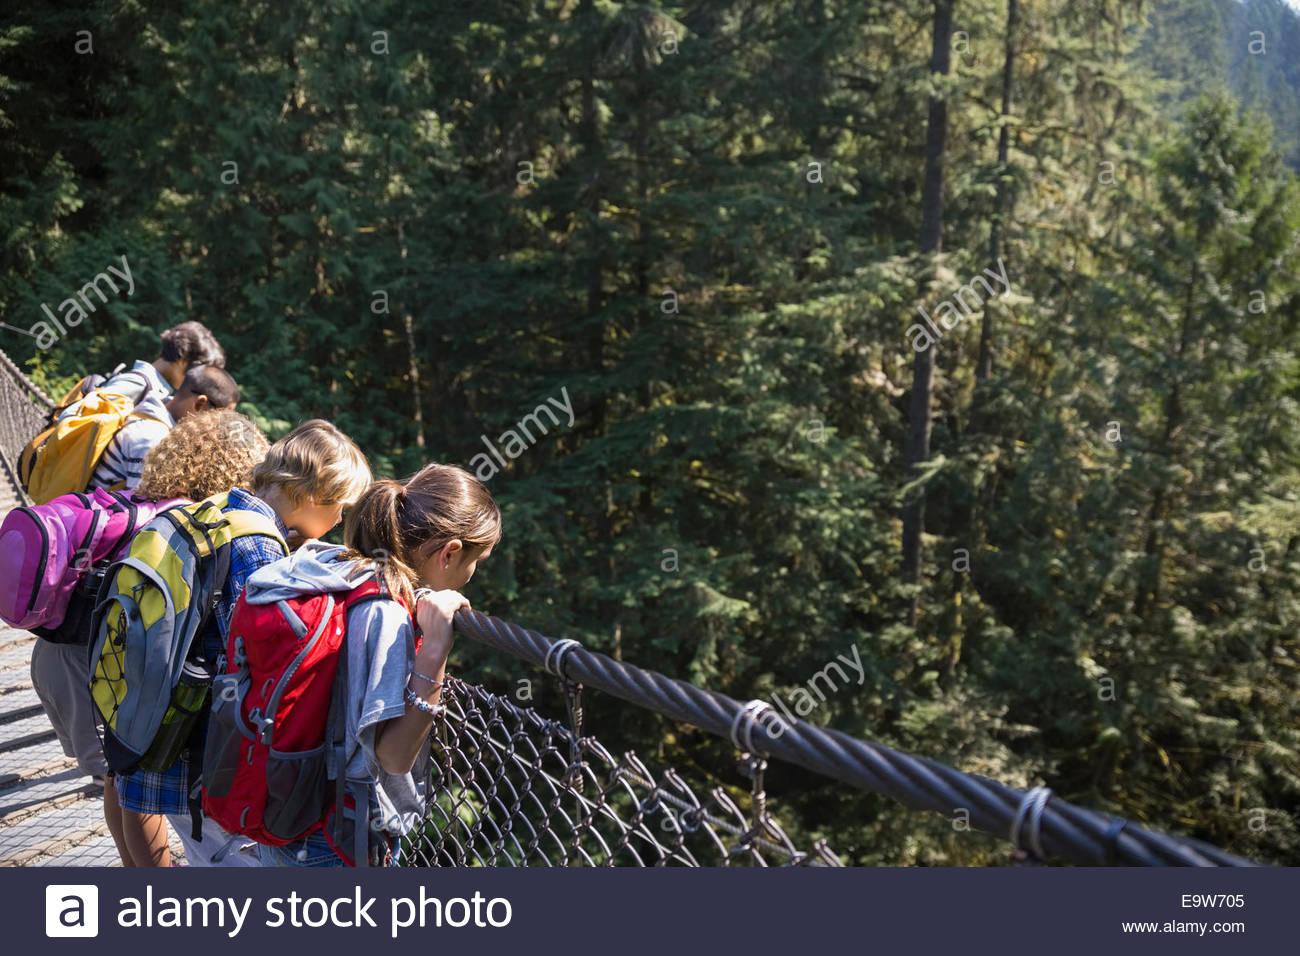 Kinder mit Rucksäcken, Blick von der Fußgängerbrücke Stockbild